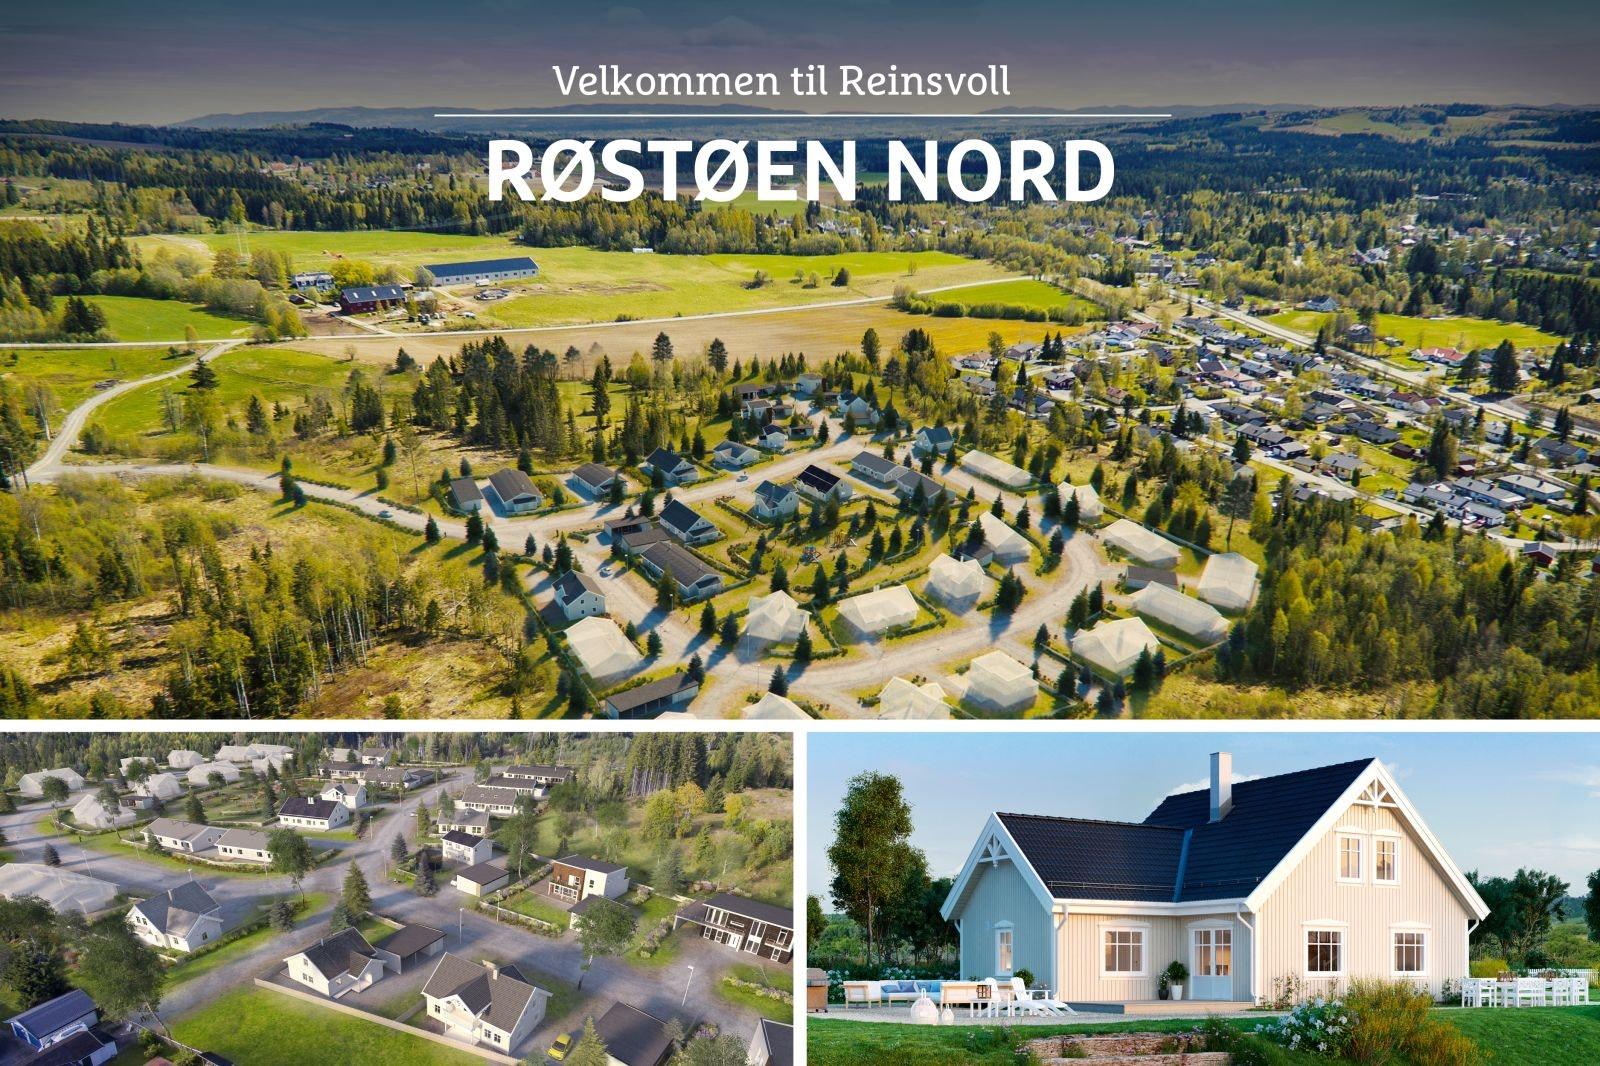 Populære Vegaardsheim med 3-4 soverom, loftstue og 2 bad. Tilgjengelig bolig. Barnevennlig og solrikt. Gode tog- og bussforbindelser.